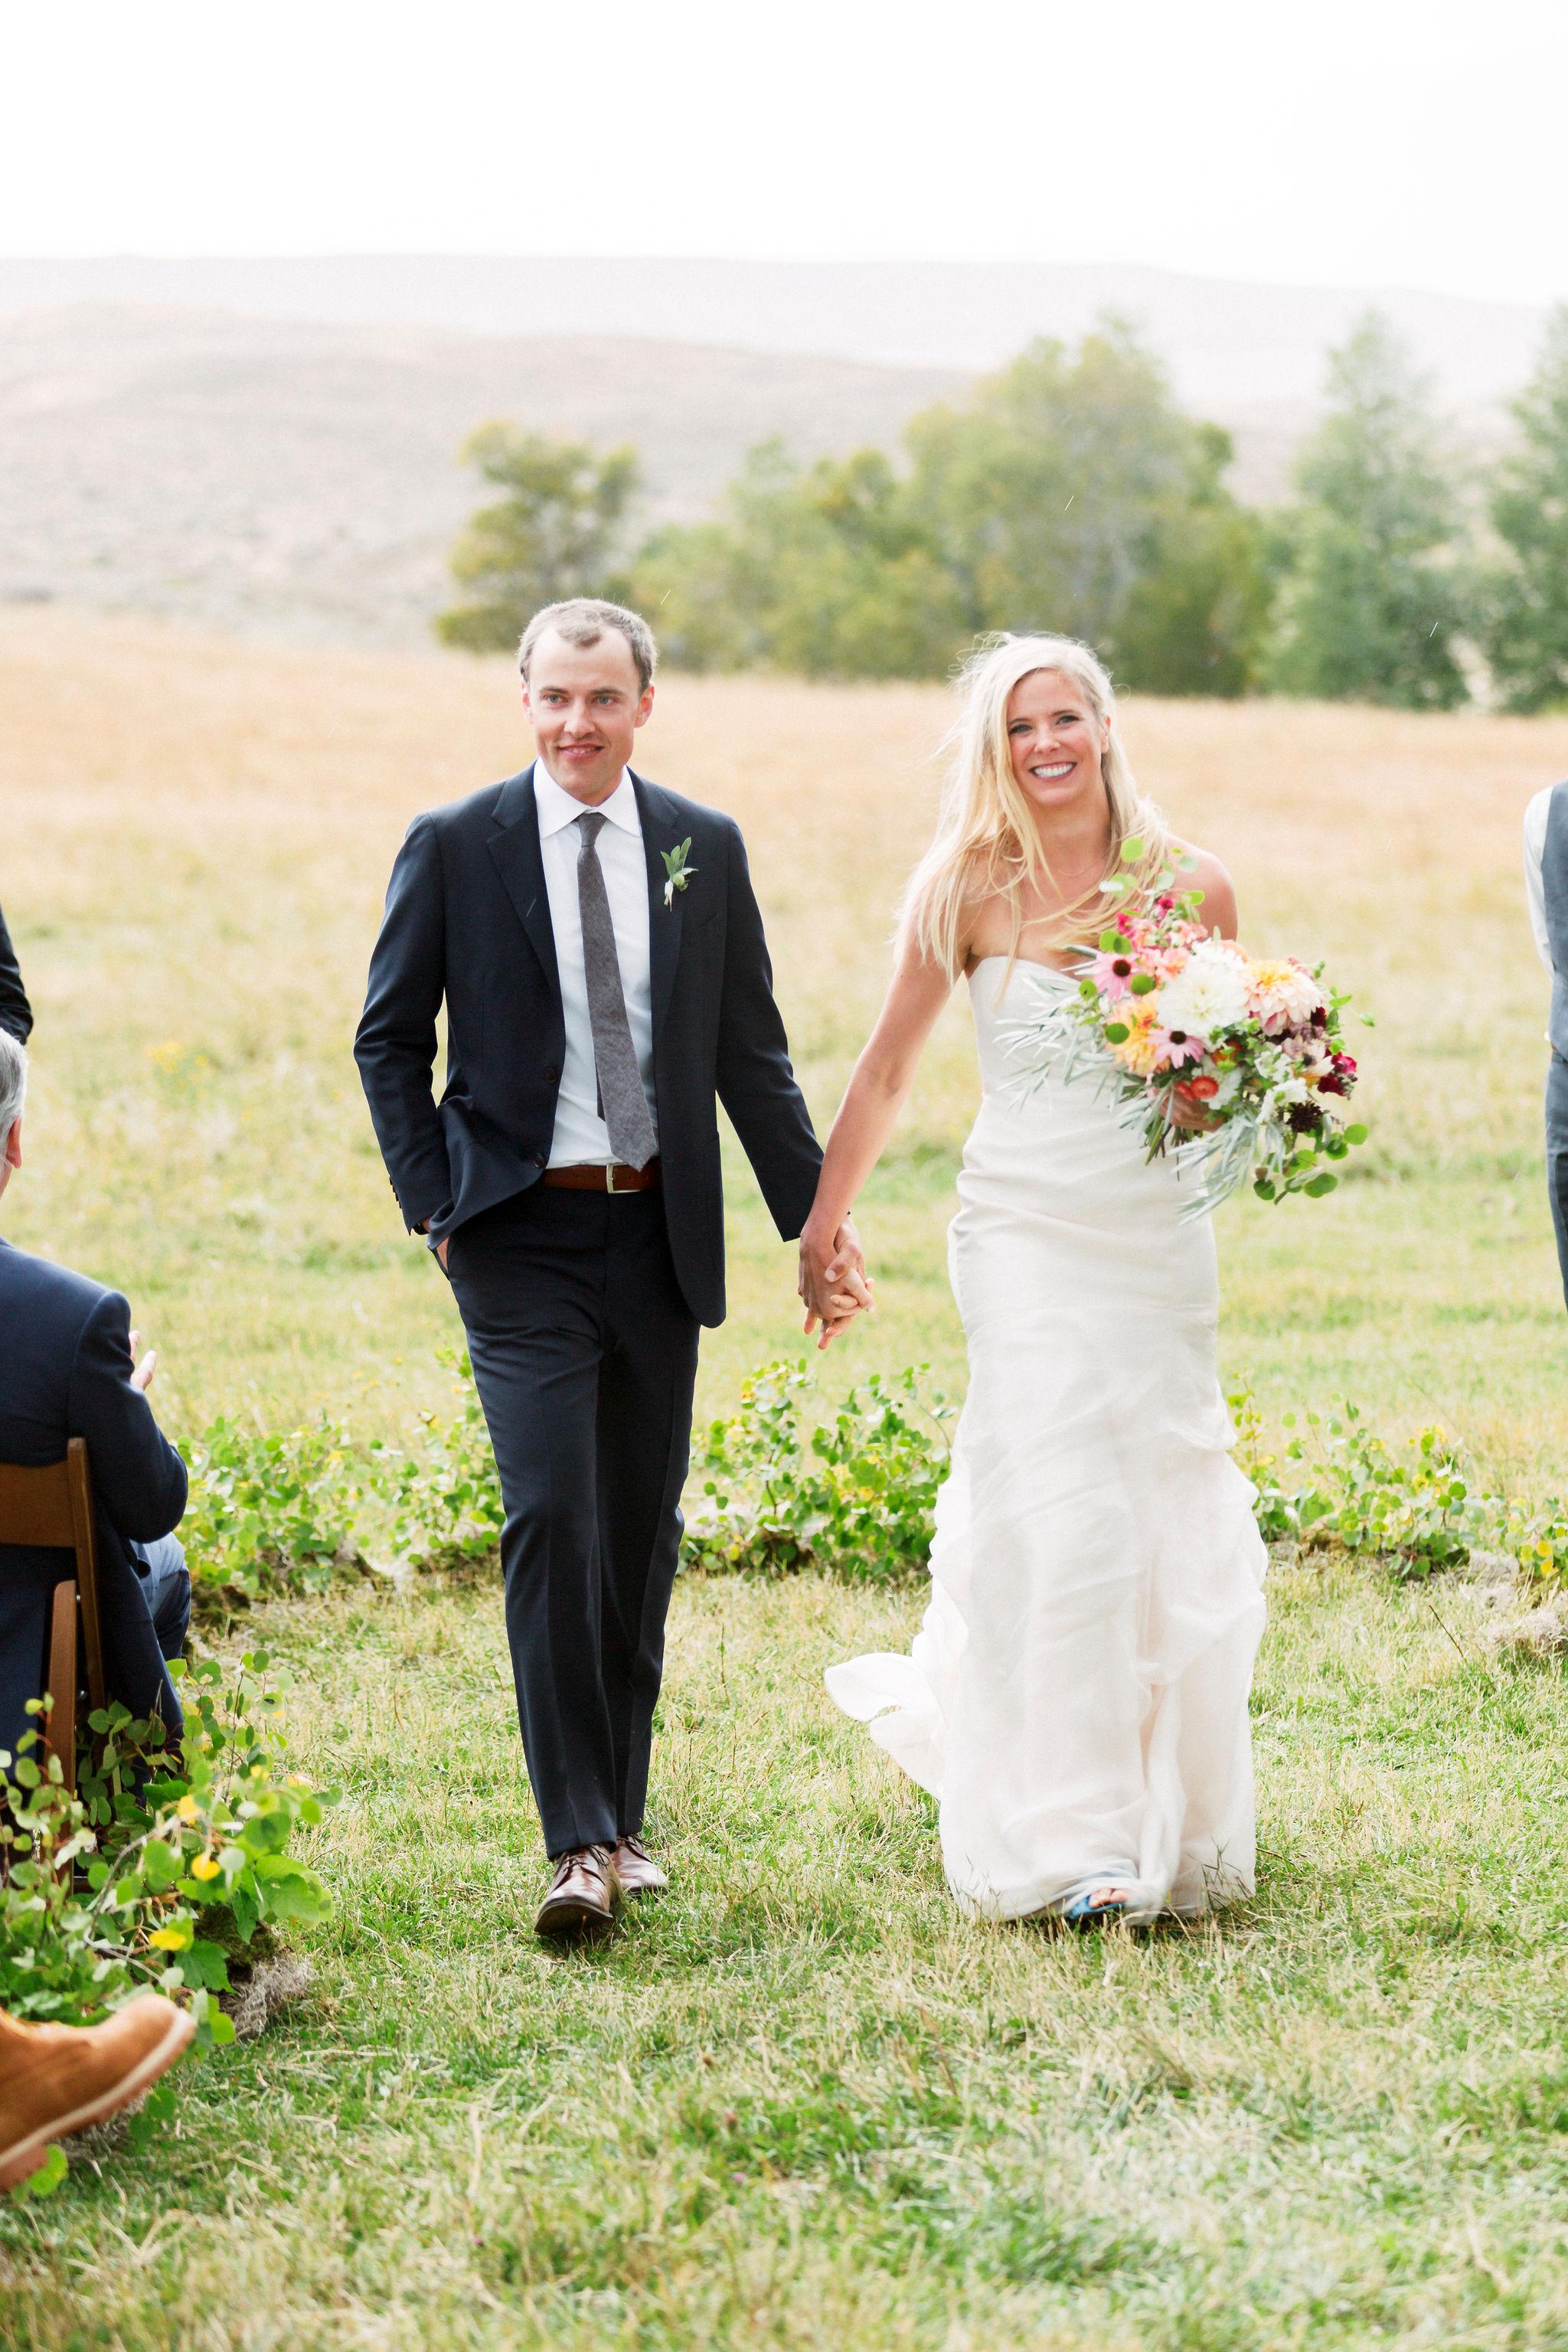 735-kathryn-jake-wedding.jpg